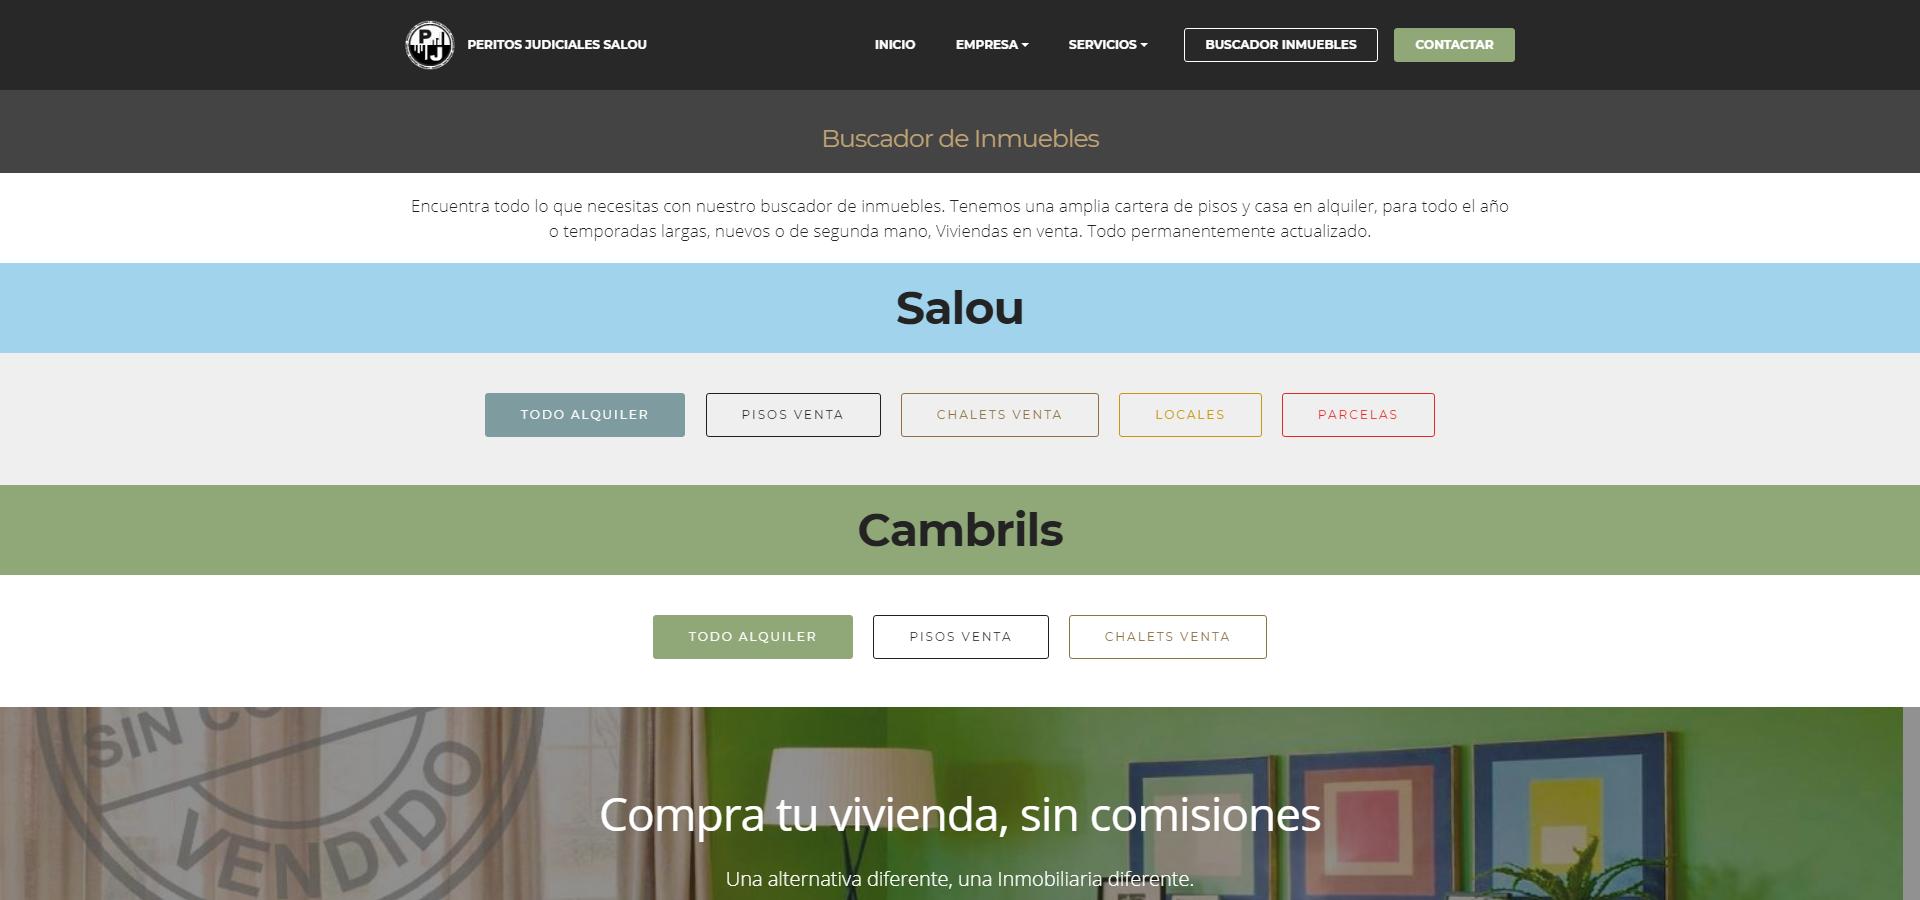 Pin De Peritos Judiciales Asesores In En Web Corporativa Peritos Judiciales Salou Salou Buscador Compras